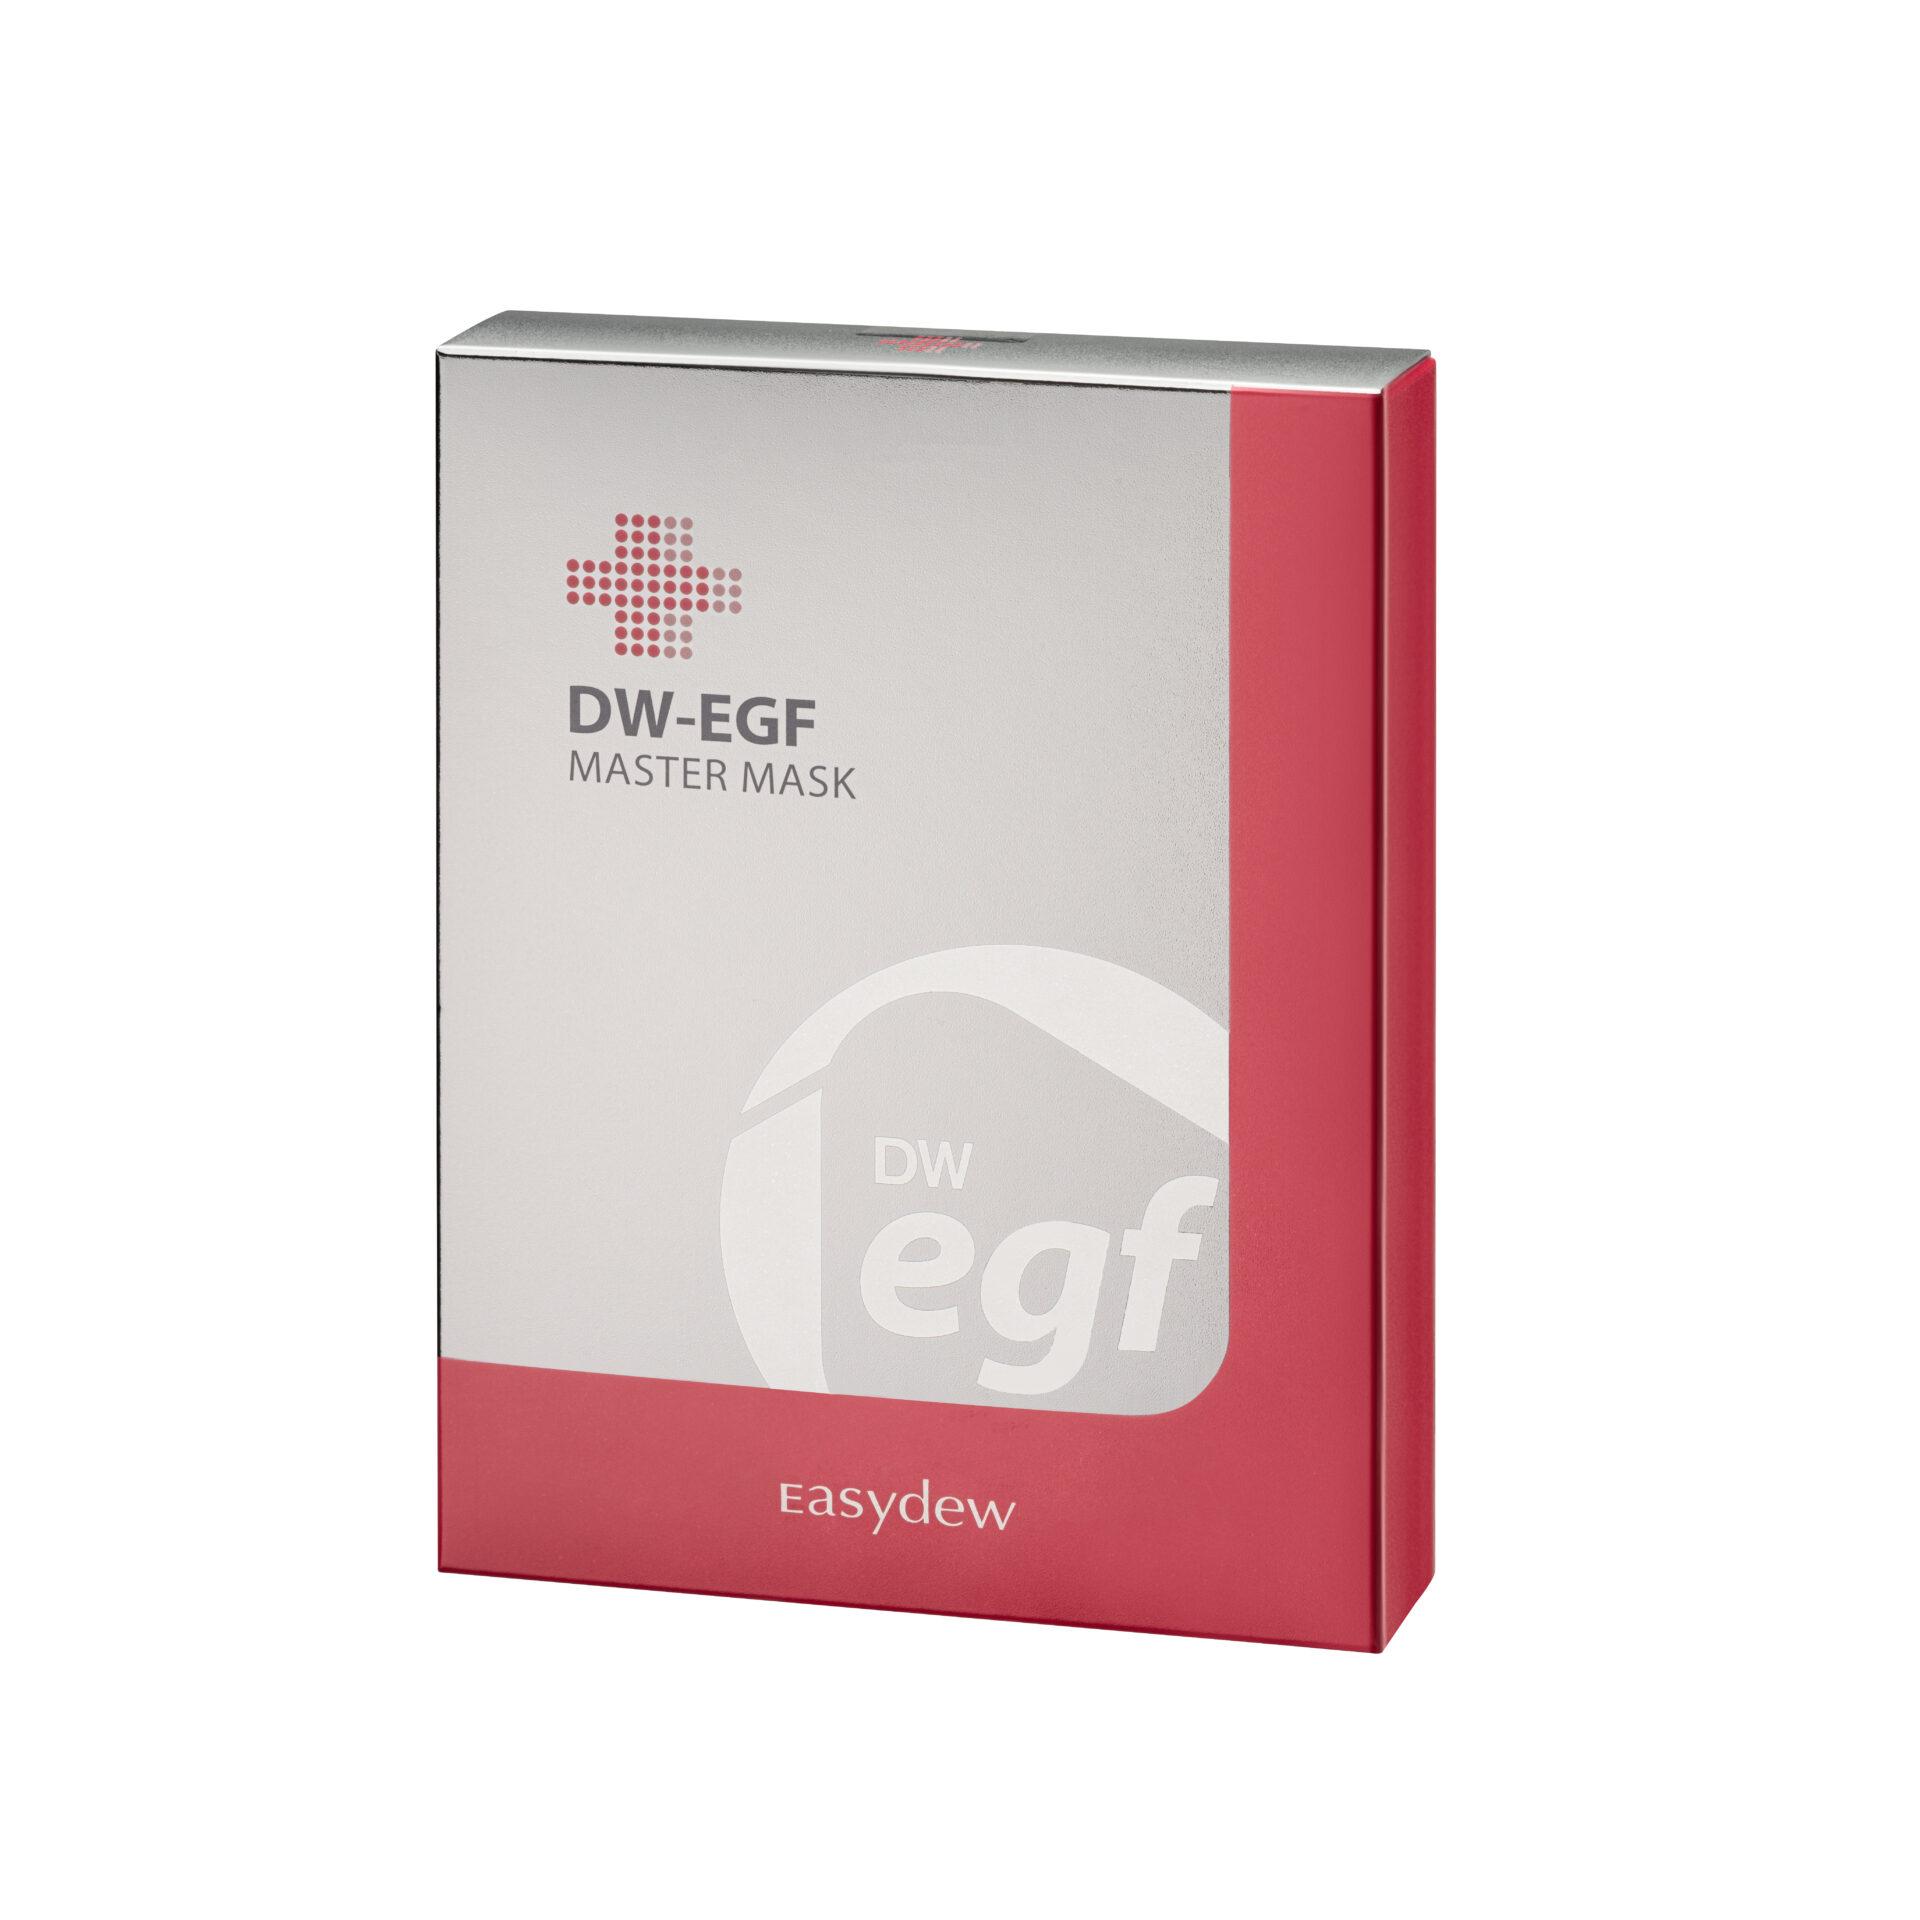 Easydew DW-EGF マスターマスク 1箱5枚入り